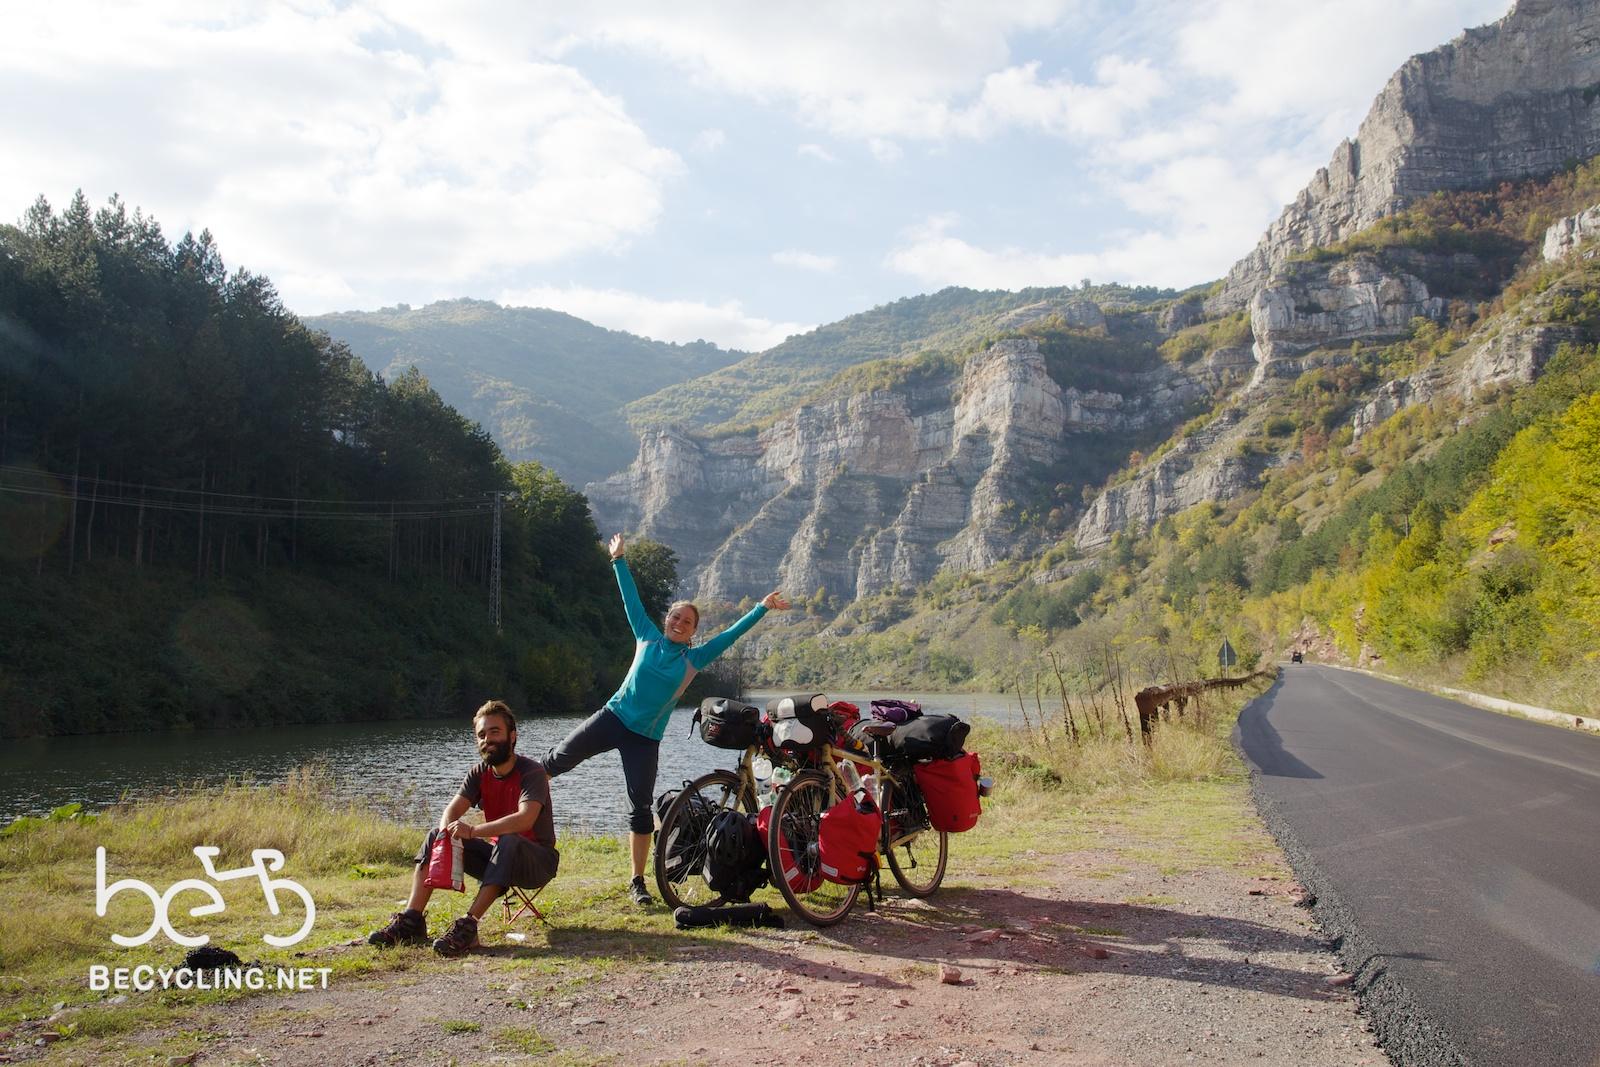 Giro del mondo in bici, l'impresa di due  giovani italiani (B2-C1)